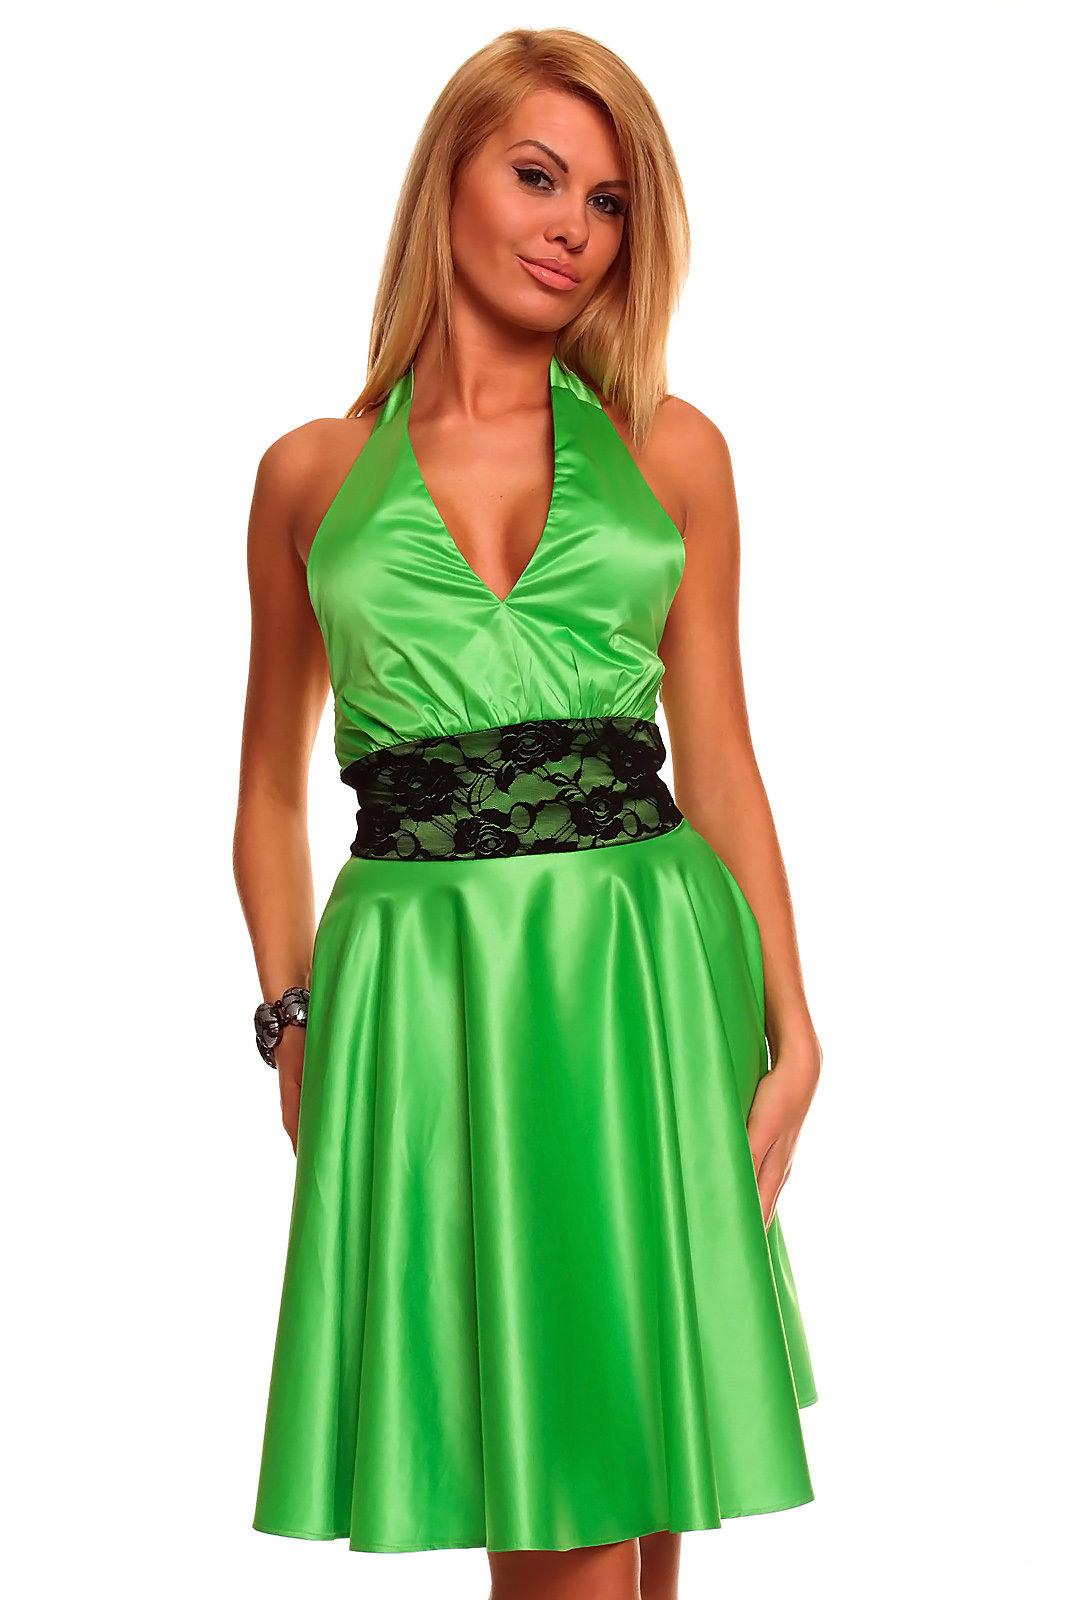 Damen Kleid Neckholderkleid Abend Partykleid Spitzennähte